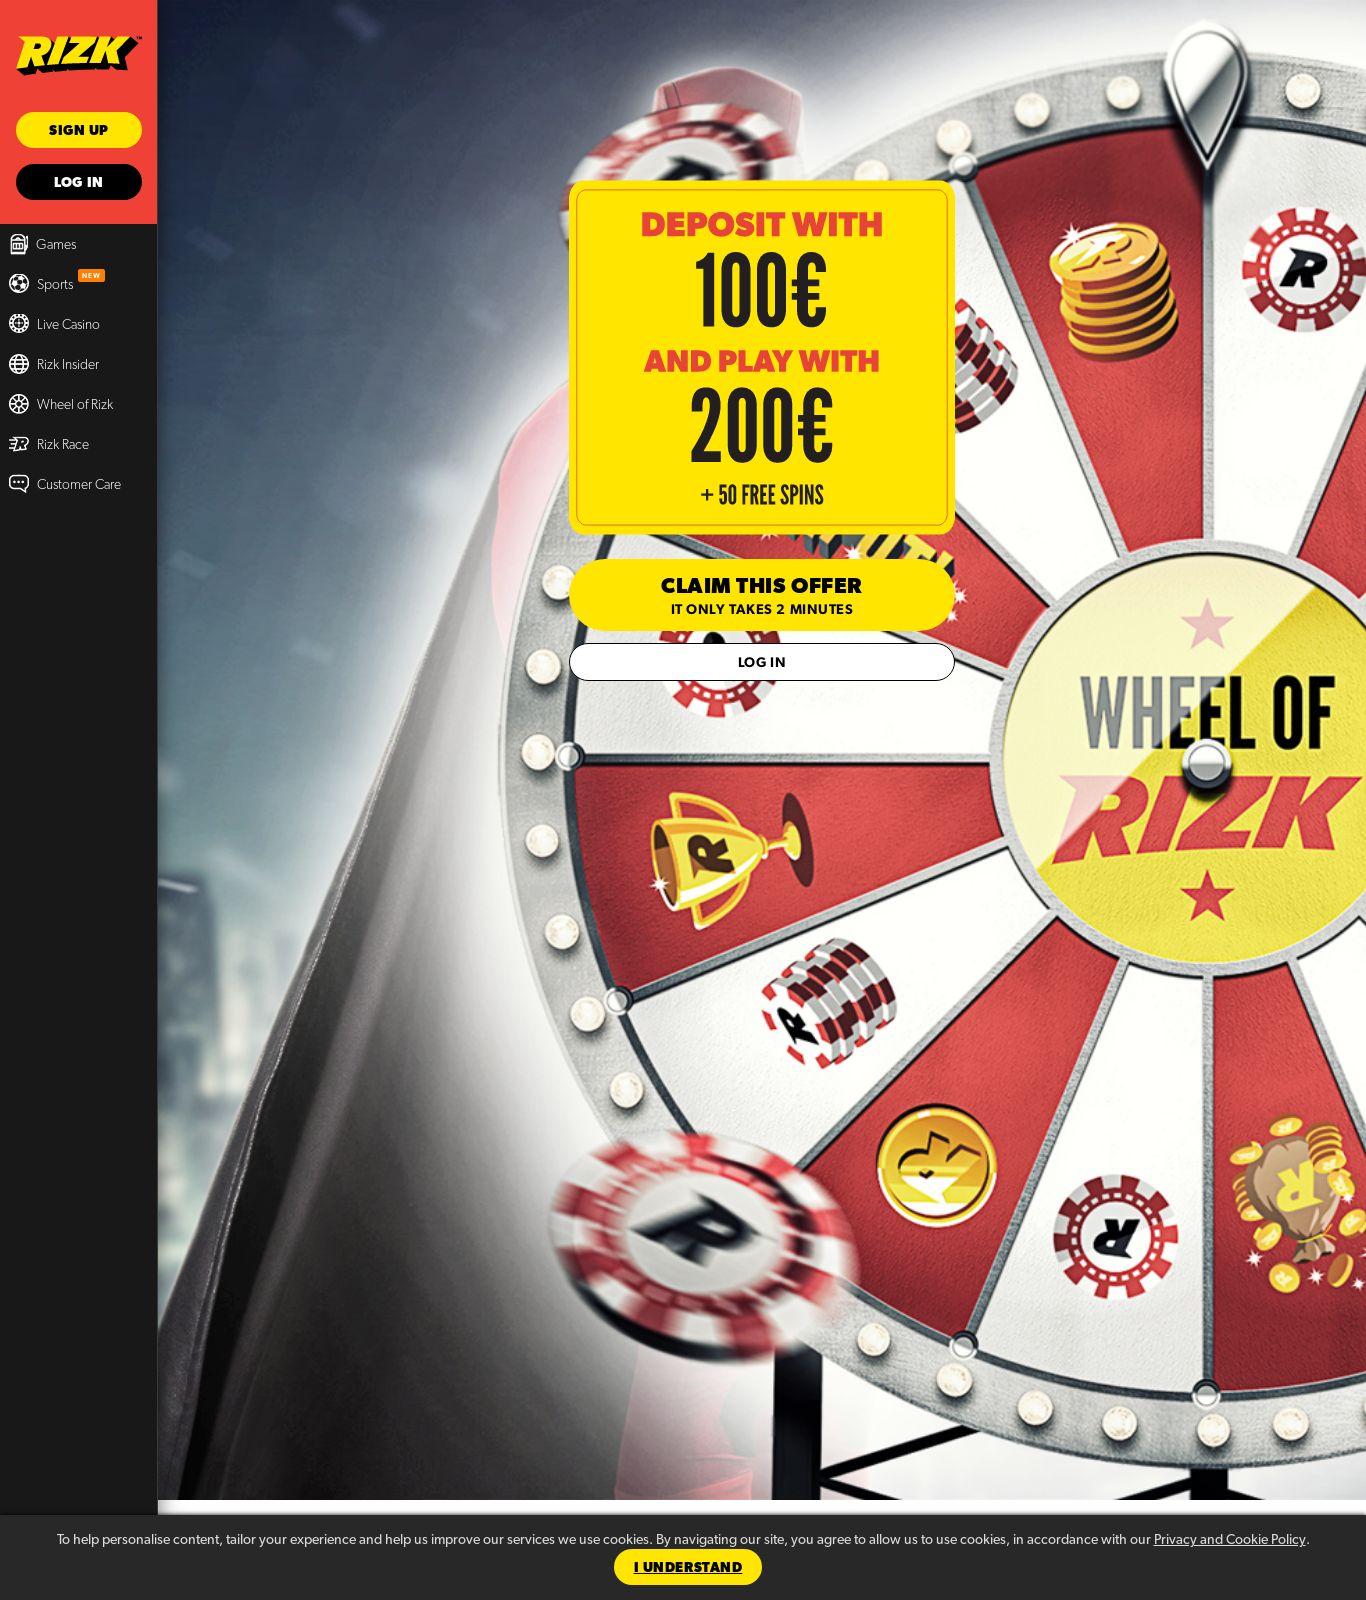 Rizk Casino Review Scam Report Rizk Com Jun 6 2020